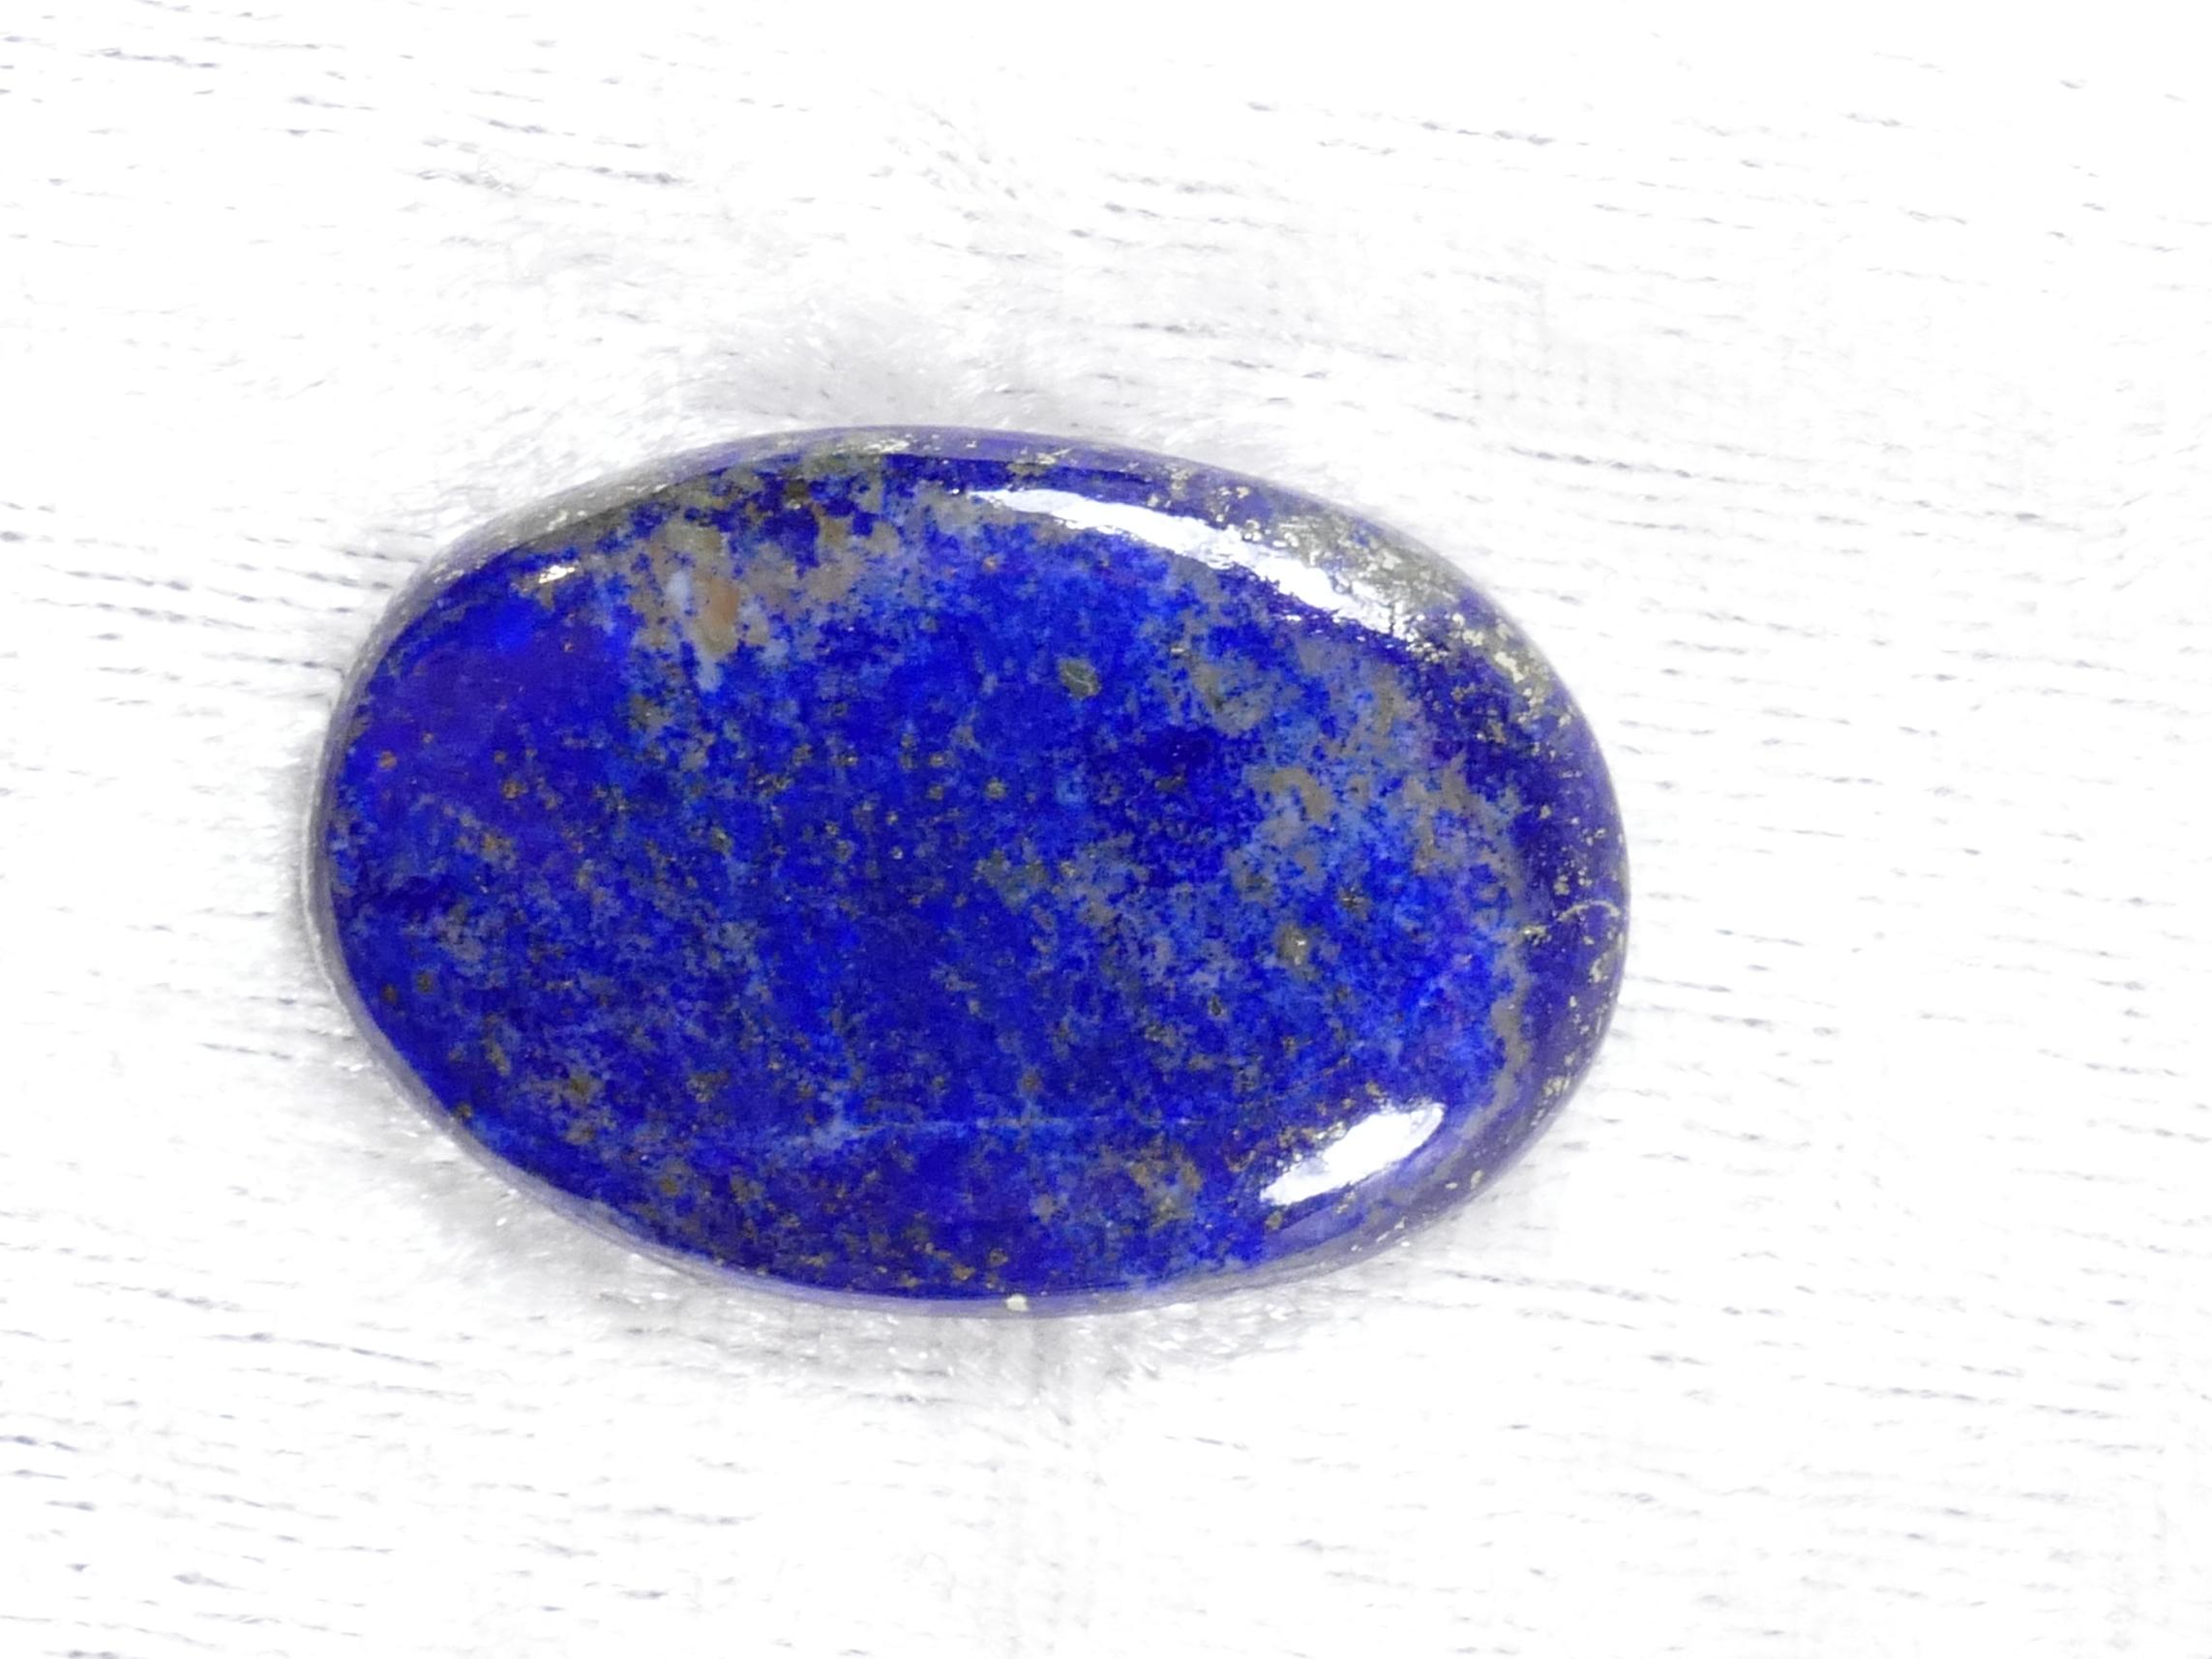 30.3x20.2mm Cabochon ovale de Lapis lazuli entièrement naturel d\'Afghanistan (#PM435)